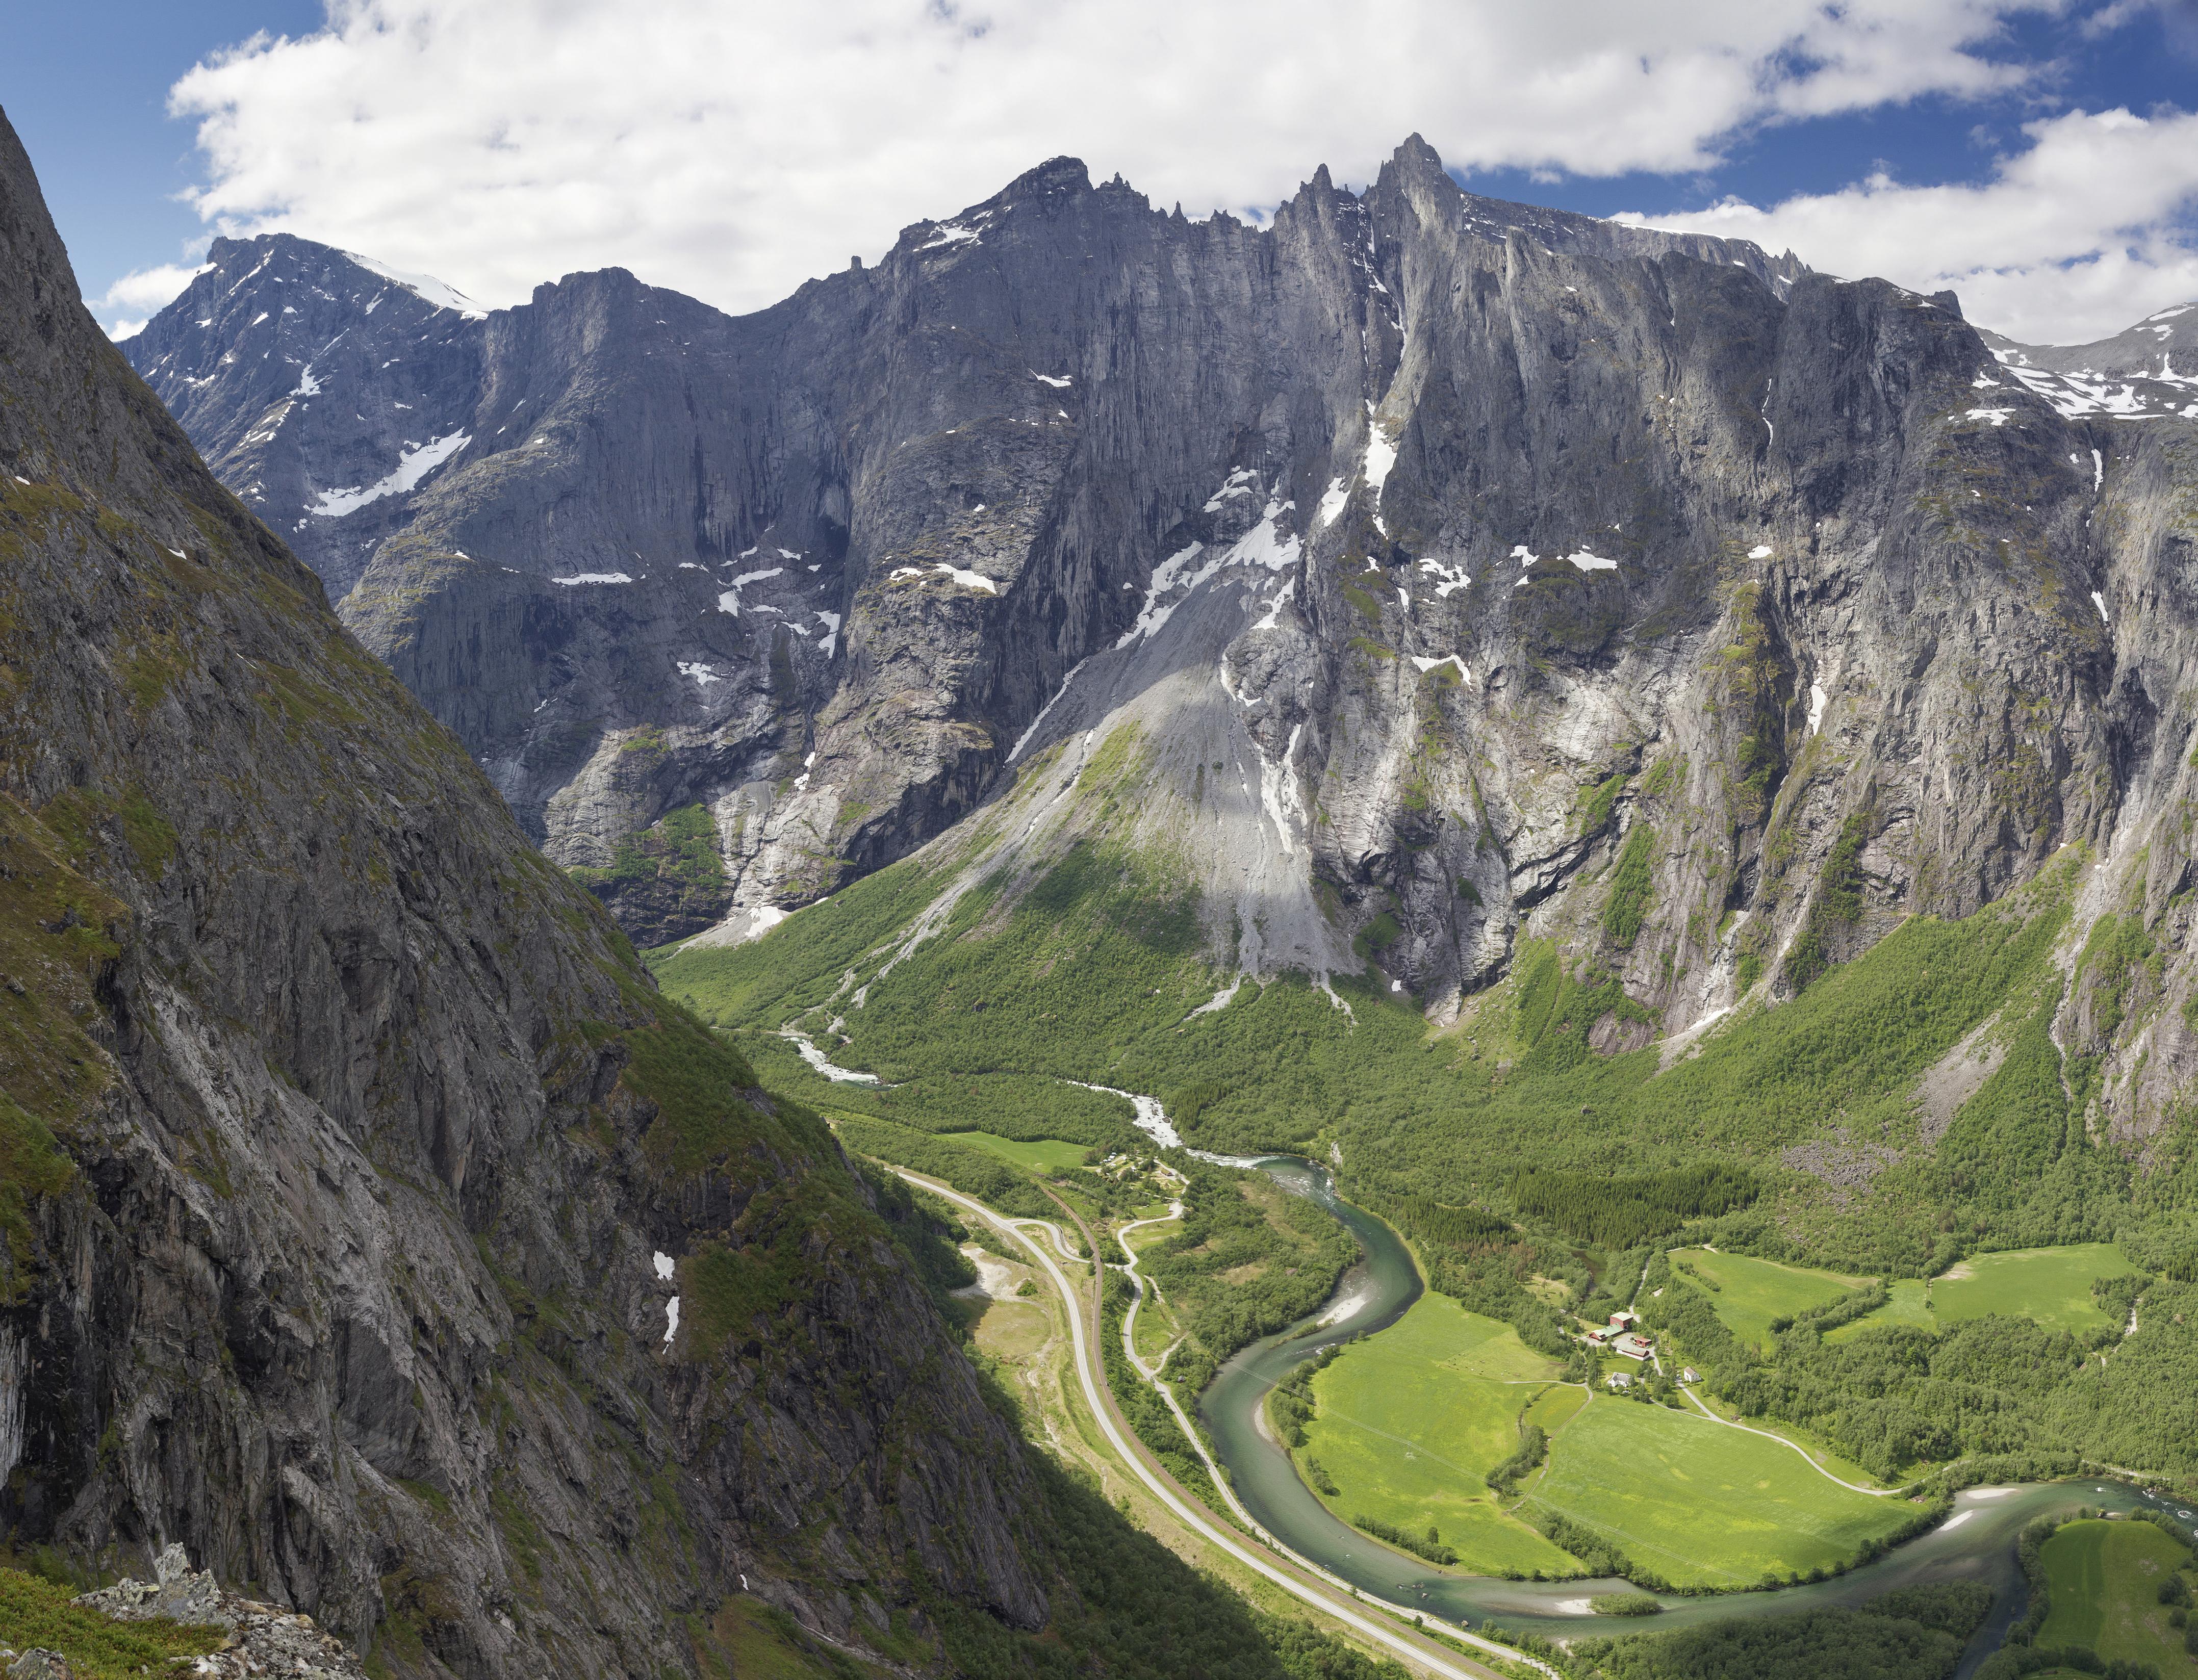 【北歐景點】Trollstigen 精靈之路 ∣ 挪威最驚險的世界級景觀公路 23